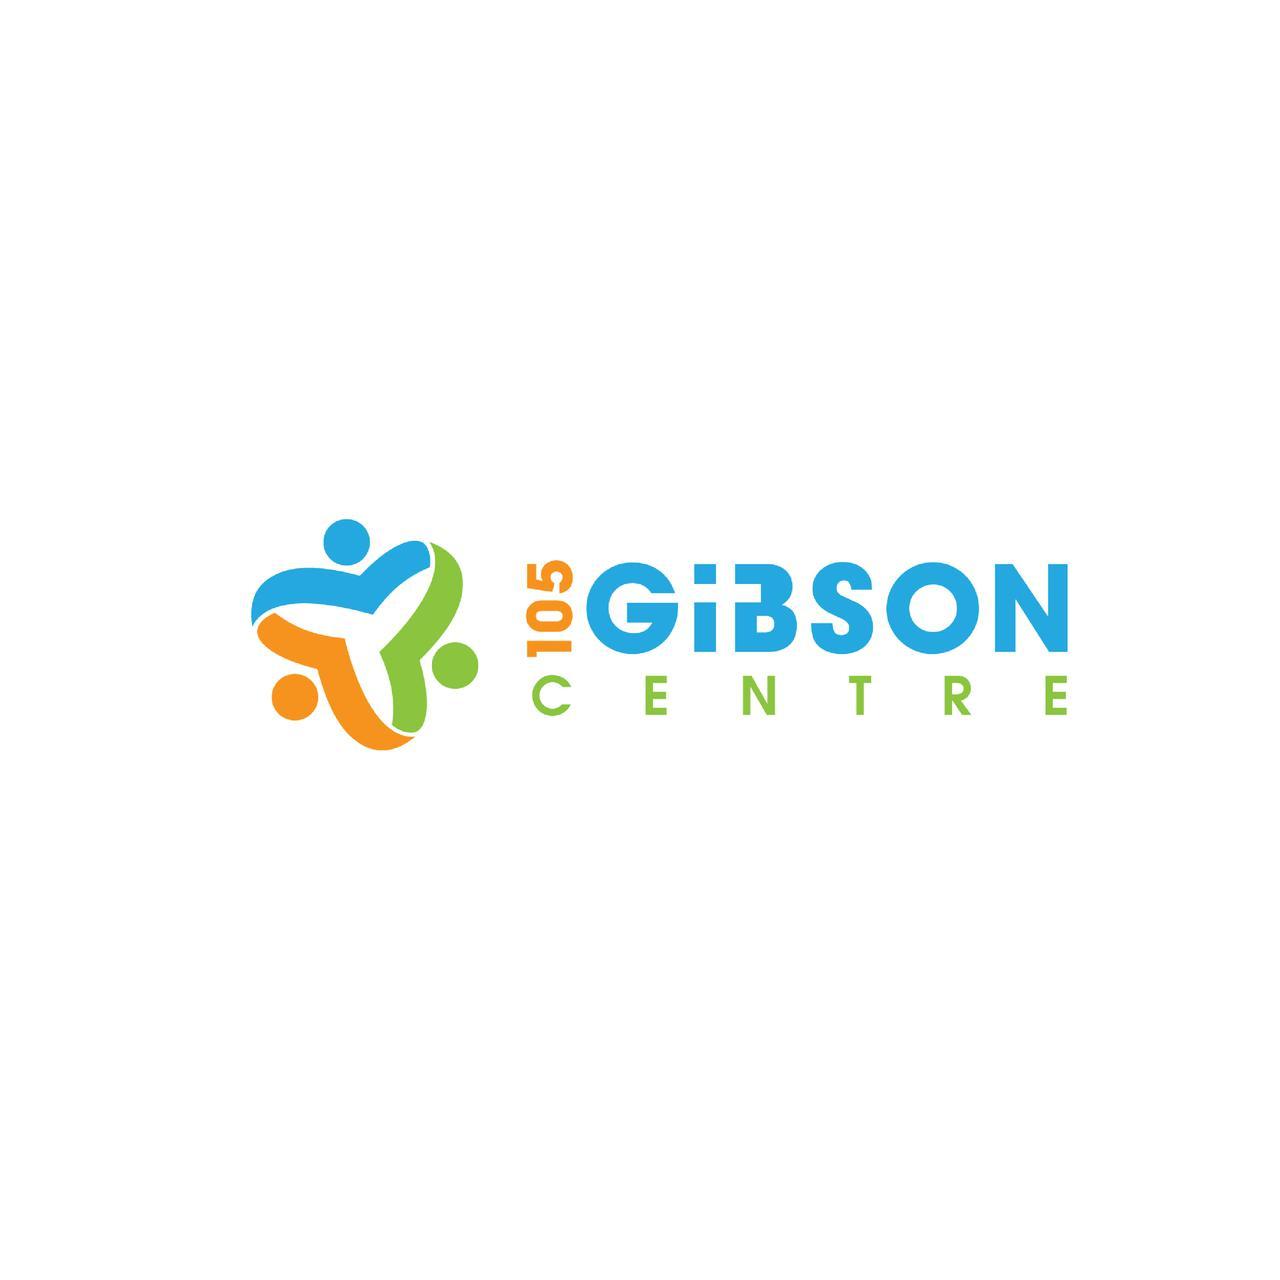 105 Gibson Centre